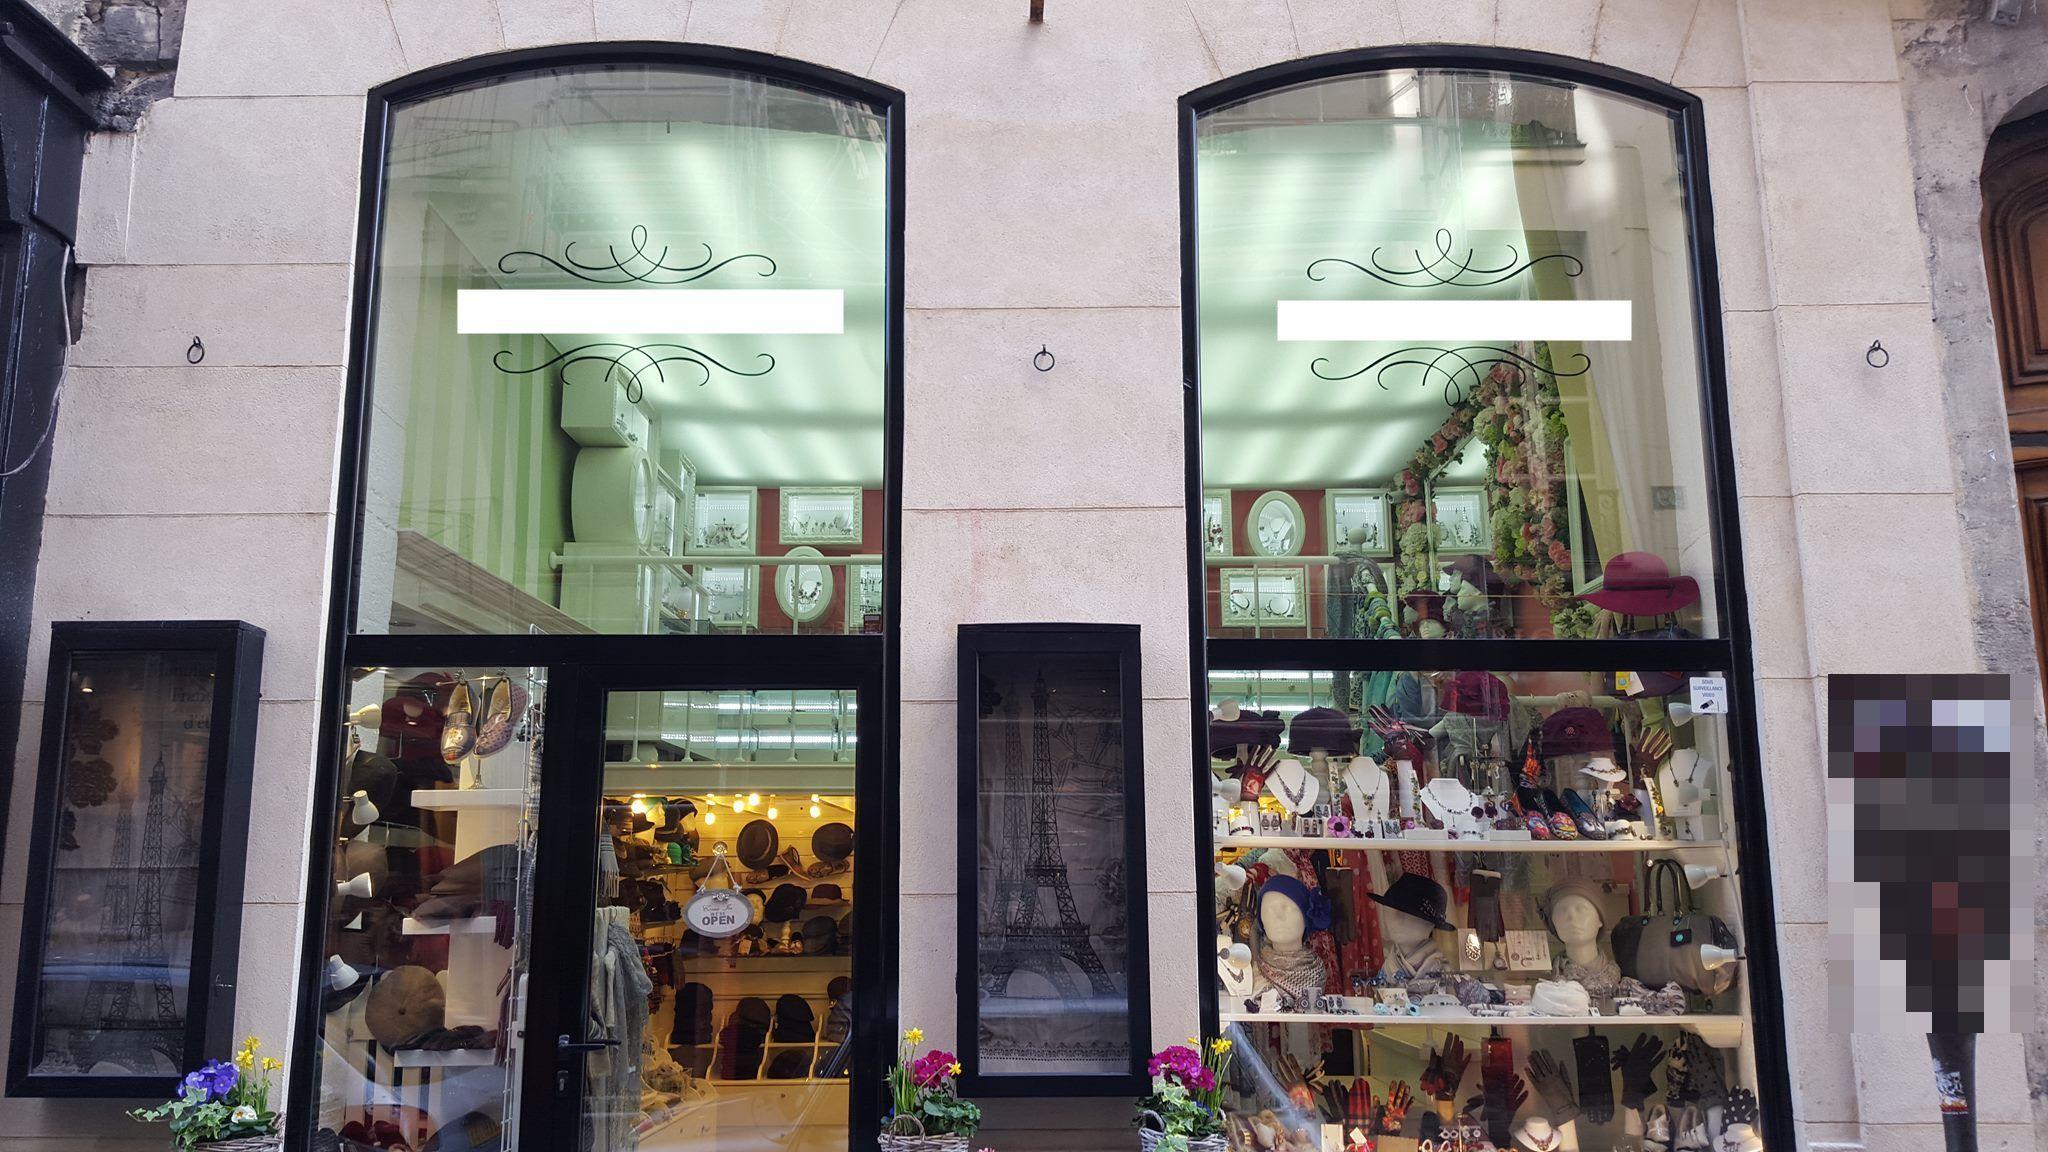 Vente Prêt-à-porter et accessoires - vente au détail Paris (75004), dans un quartier commerçant, attractif et touristique